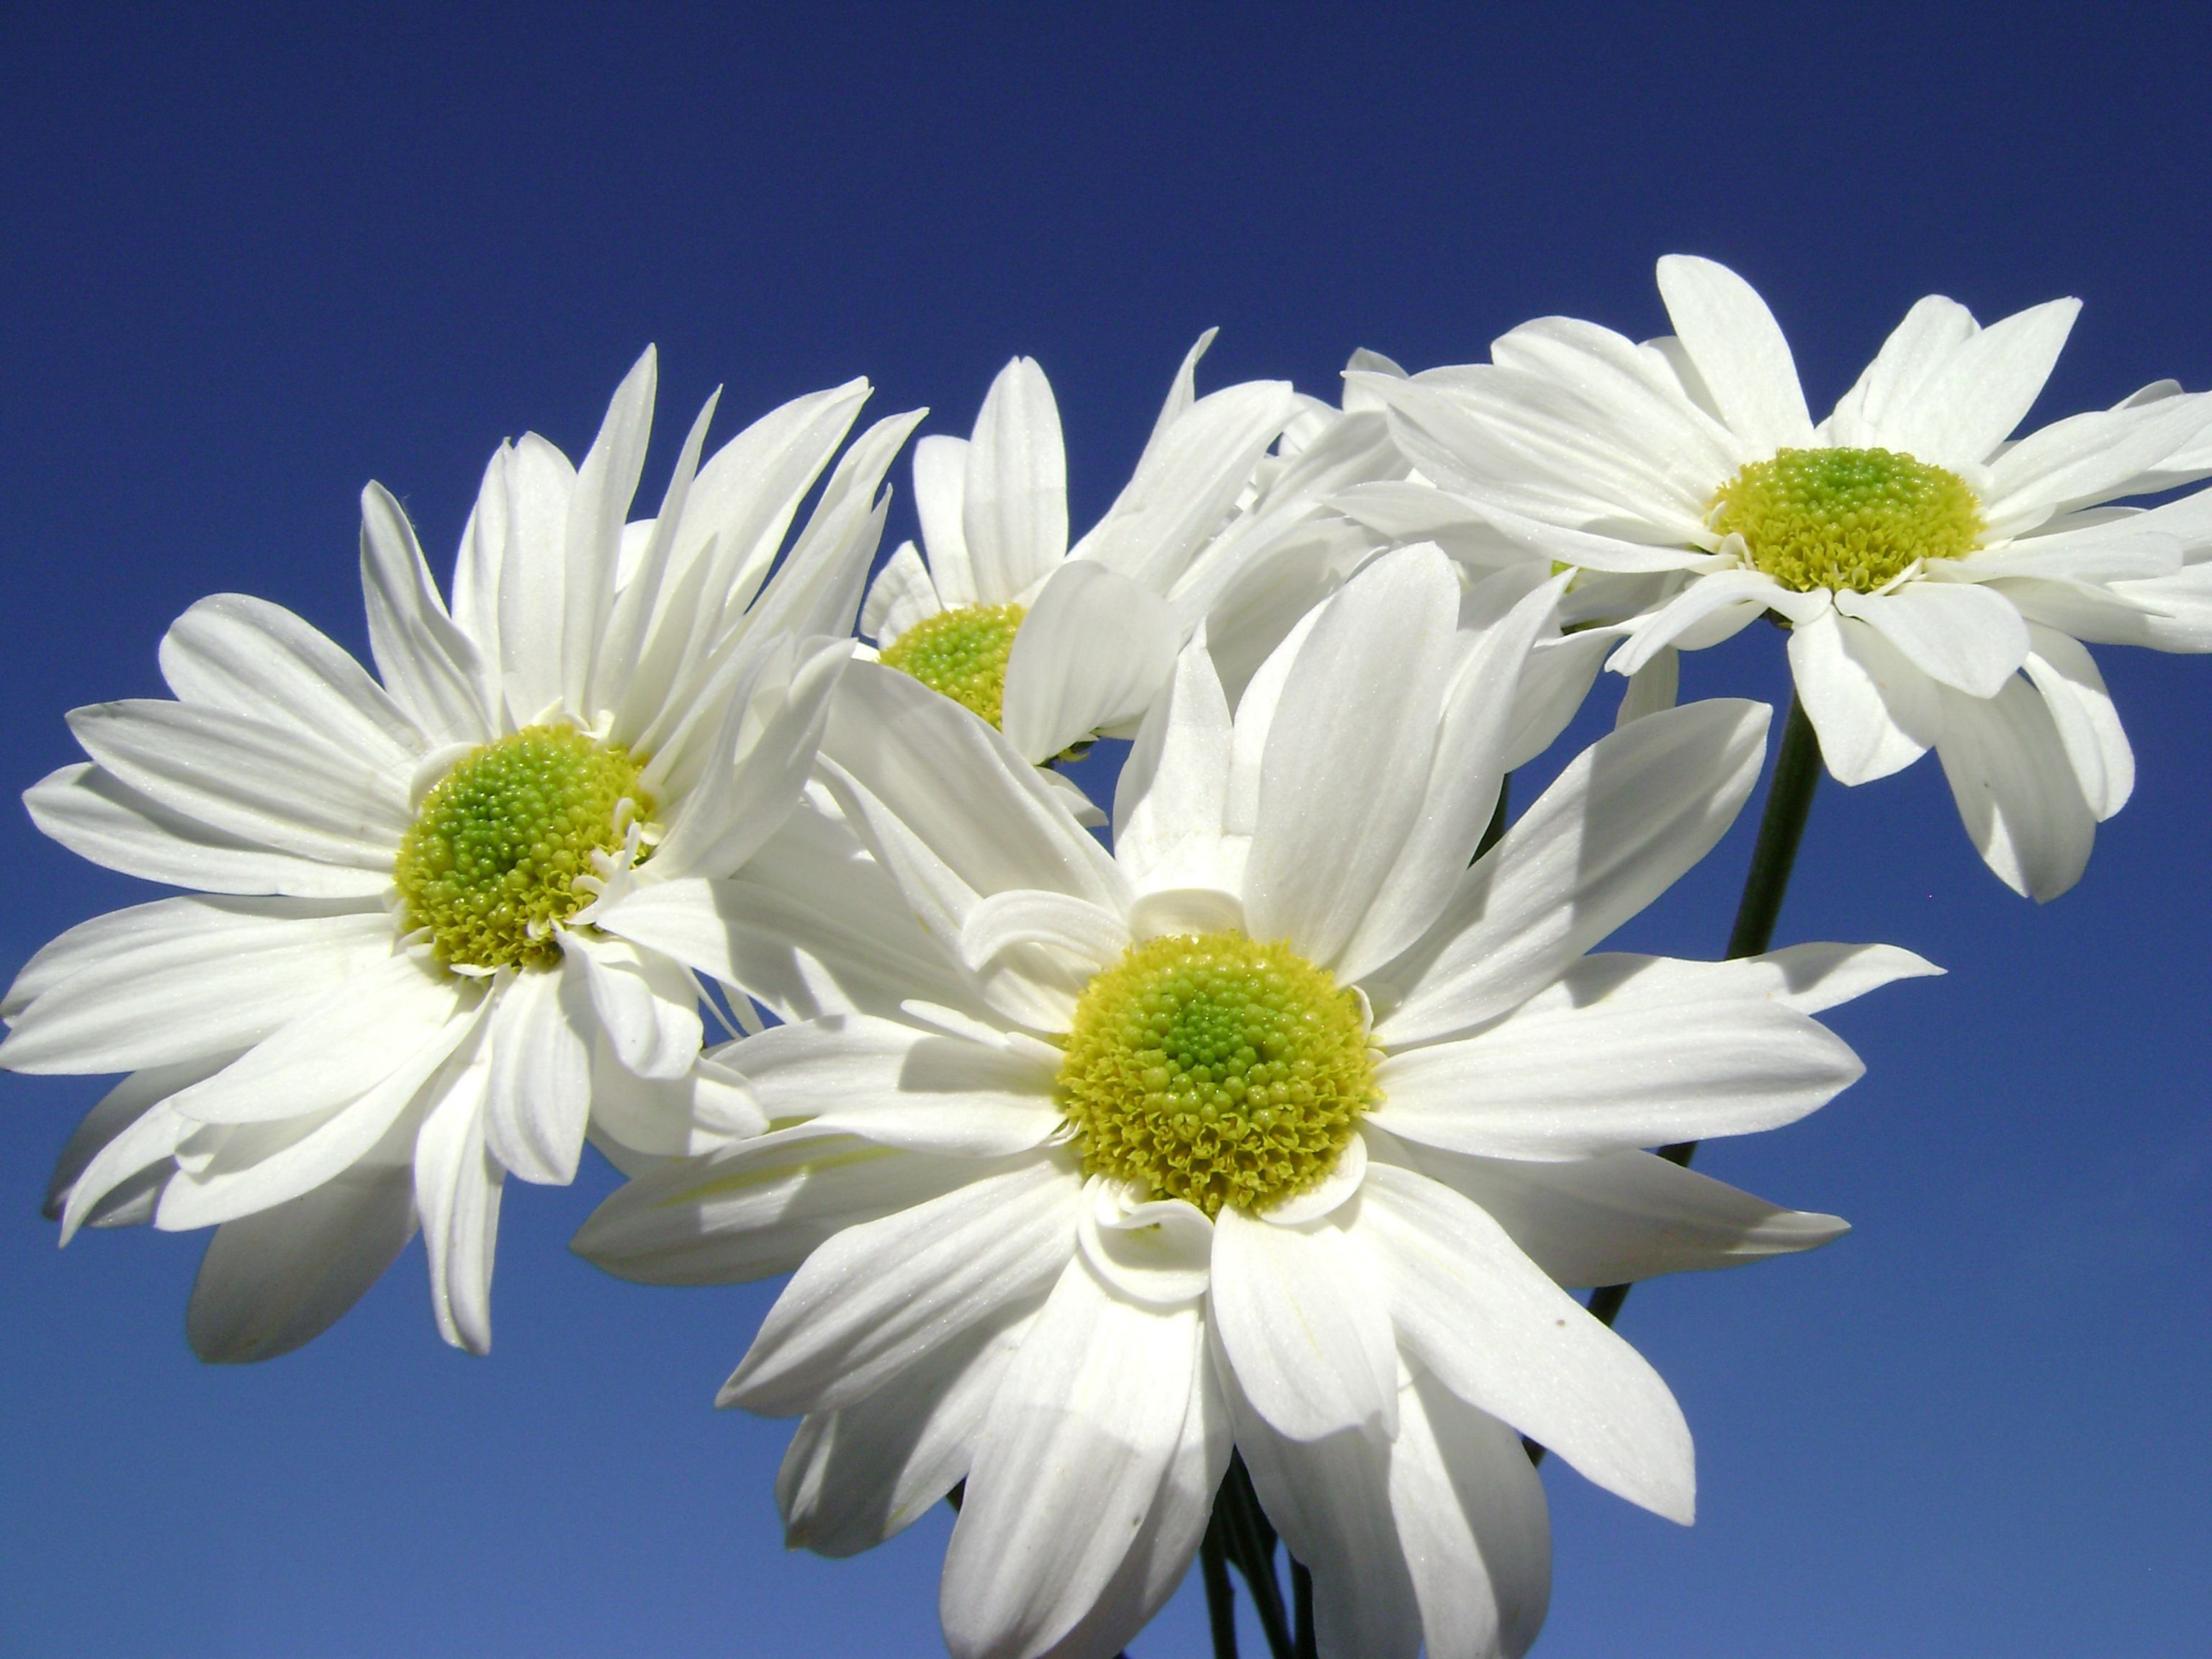 Стихи про цветы для детей  Детские стишки о цветах